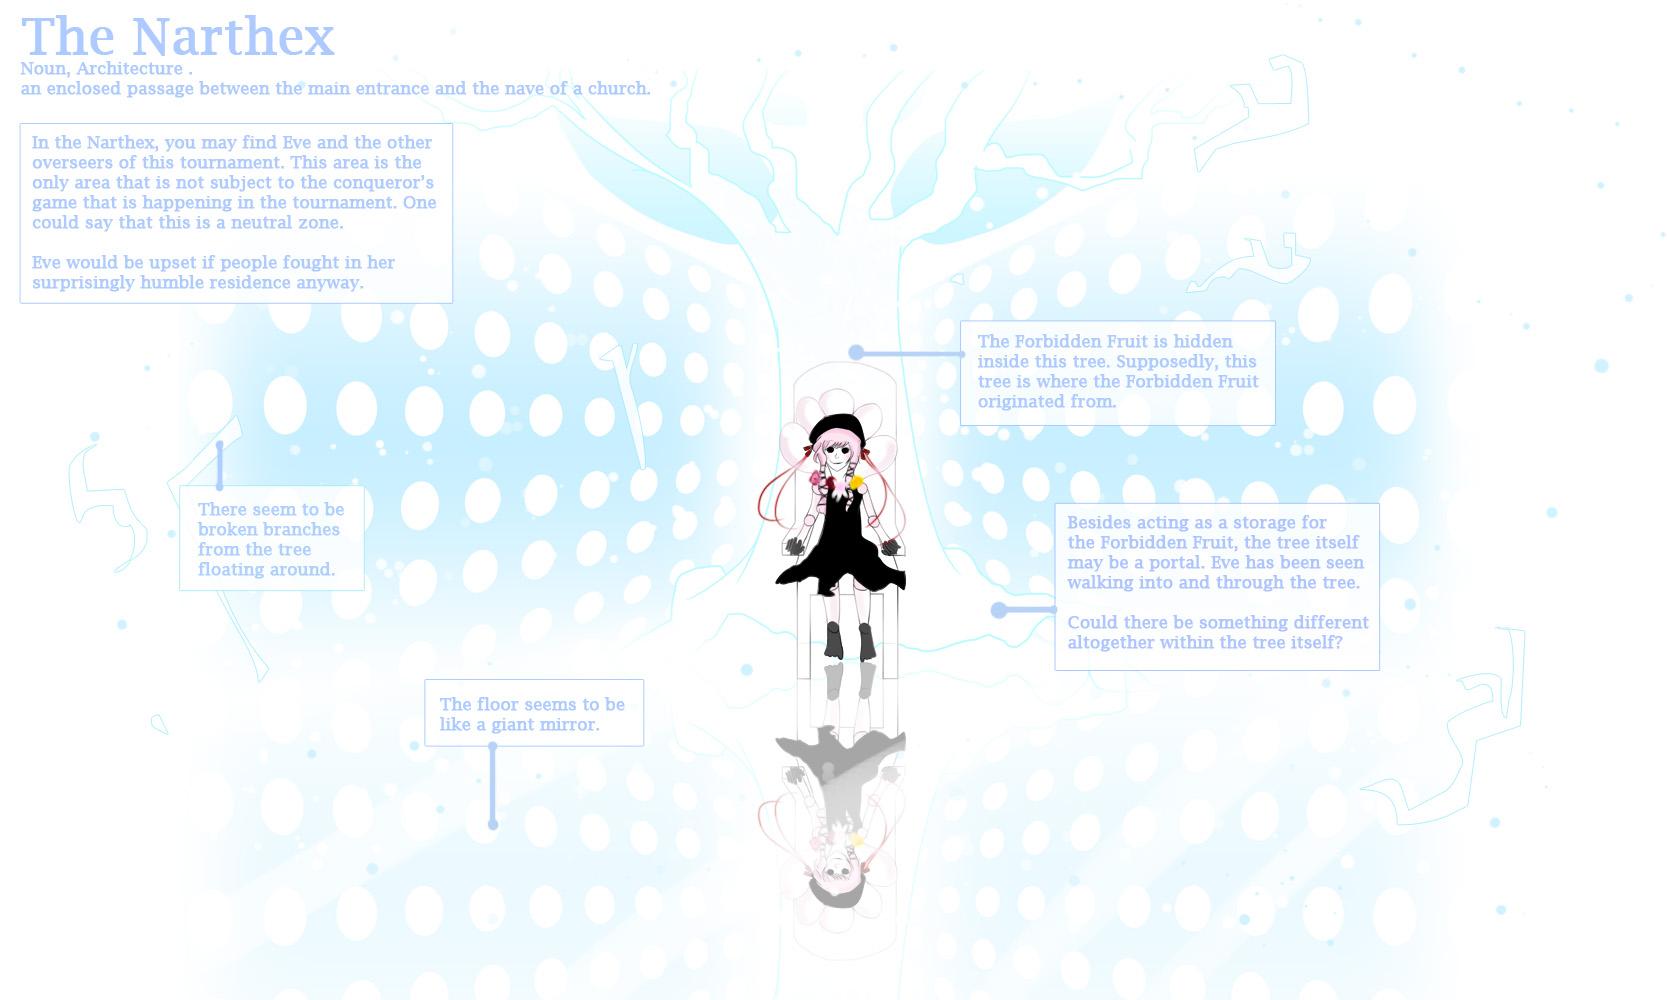 Eden: The Narthex by Iris-Angelus